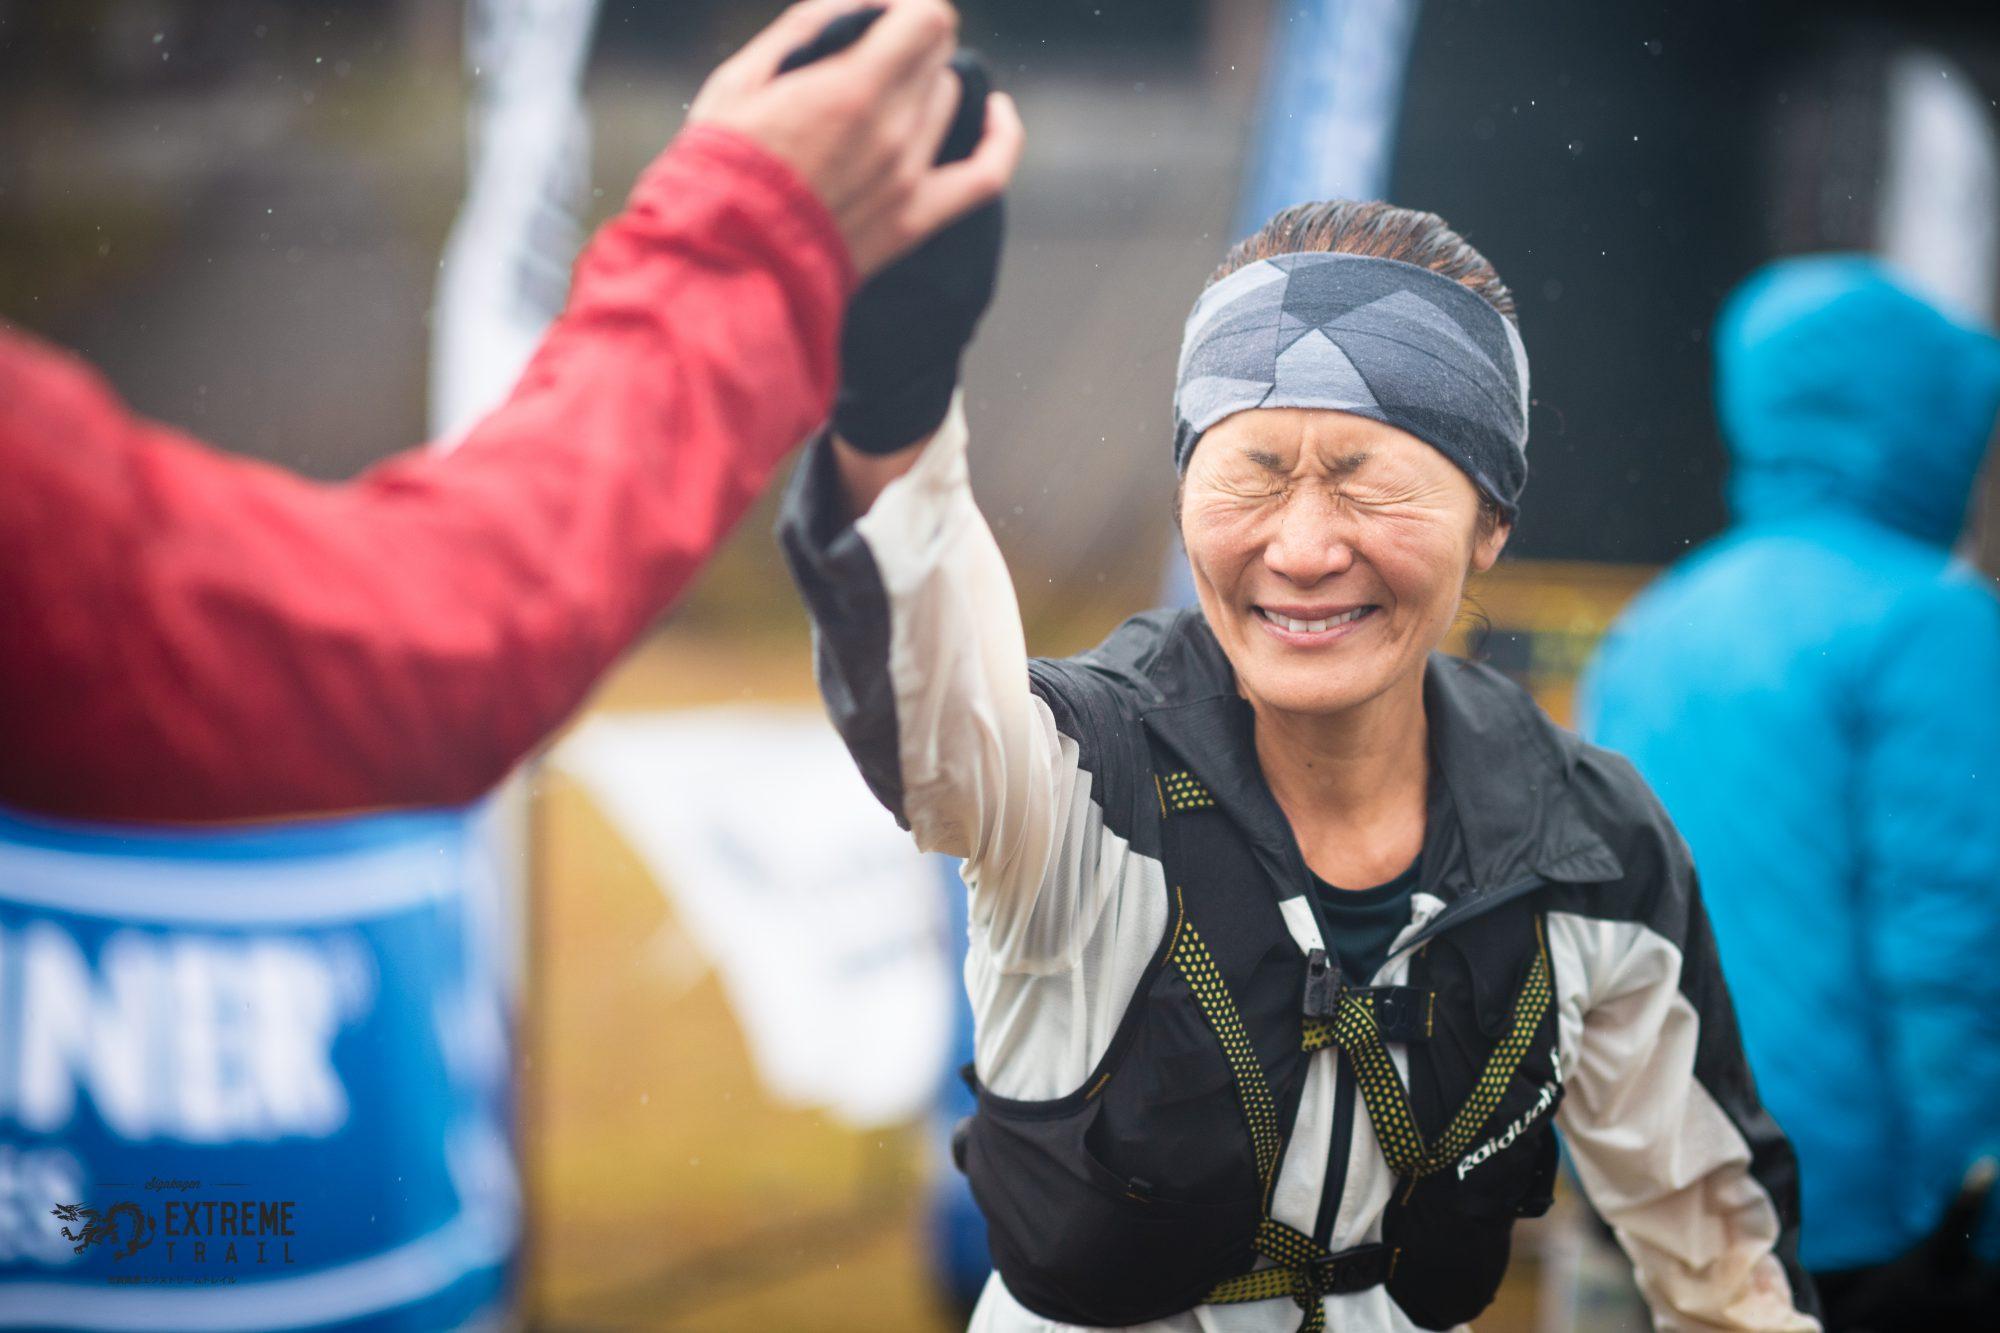 3位に入った田中のゴール。シリーズランキングは2位に入り、母親としての強さを見せた ©SHIGAKOGEN EXTREME TRAIL